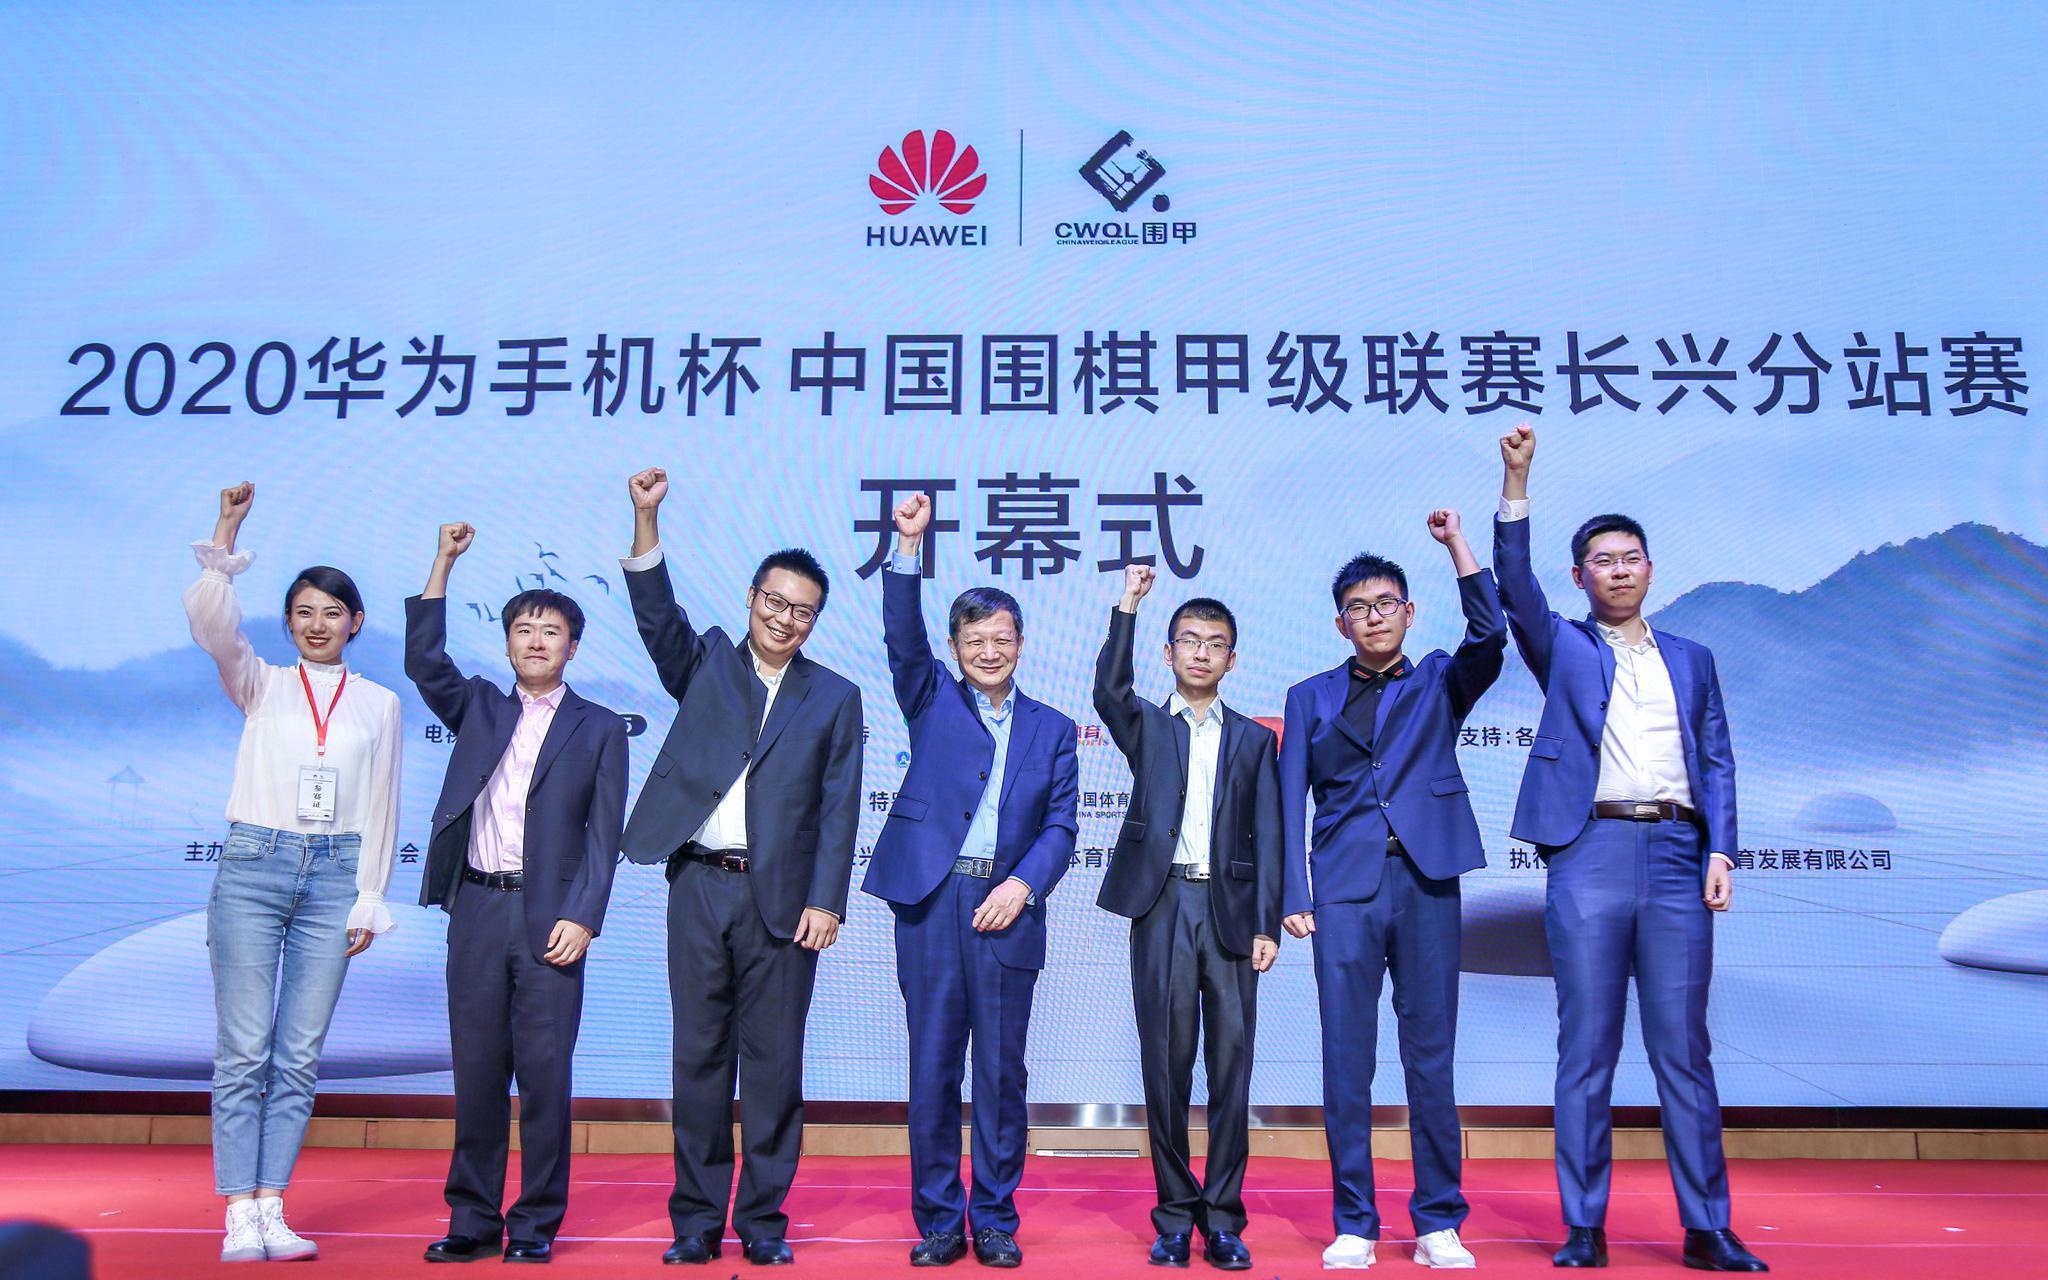 新员工被挨耳光 厦门国际银止北京分止两月前曾果诸多成绩被奖